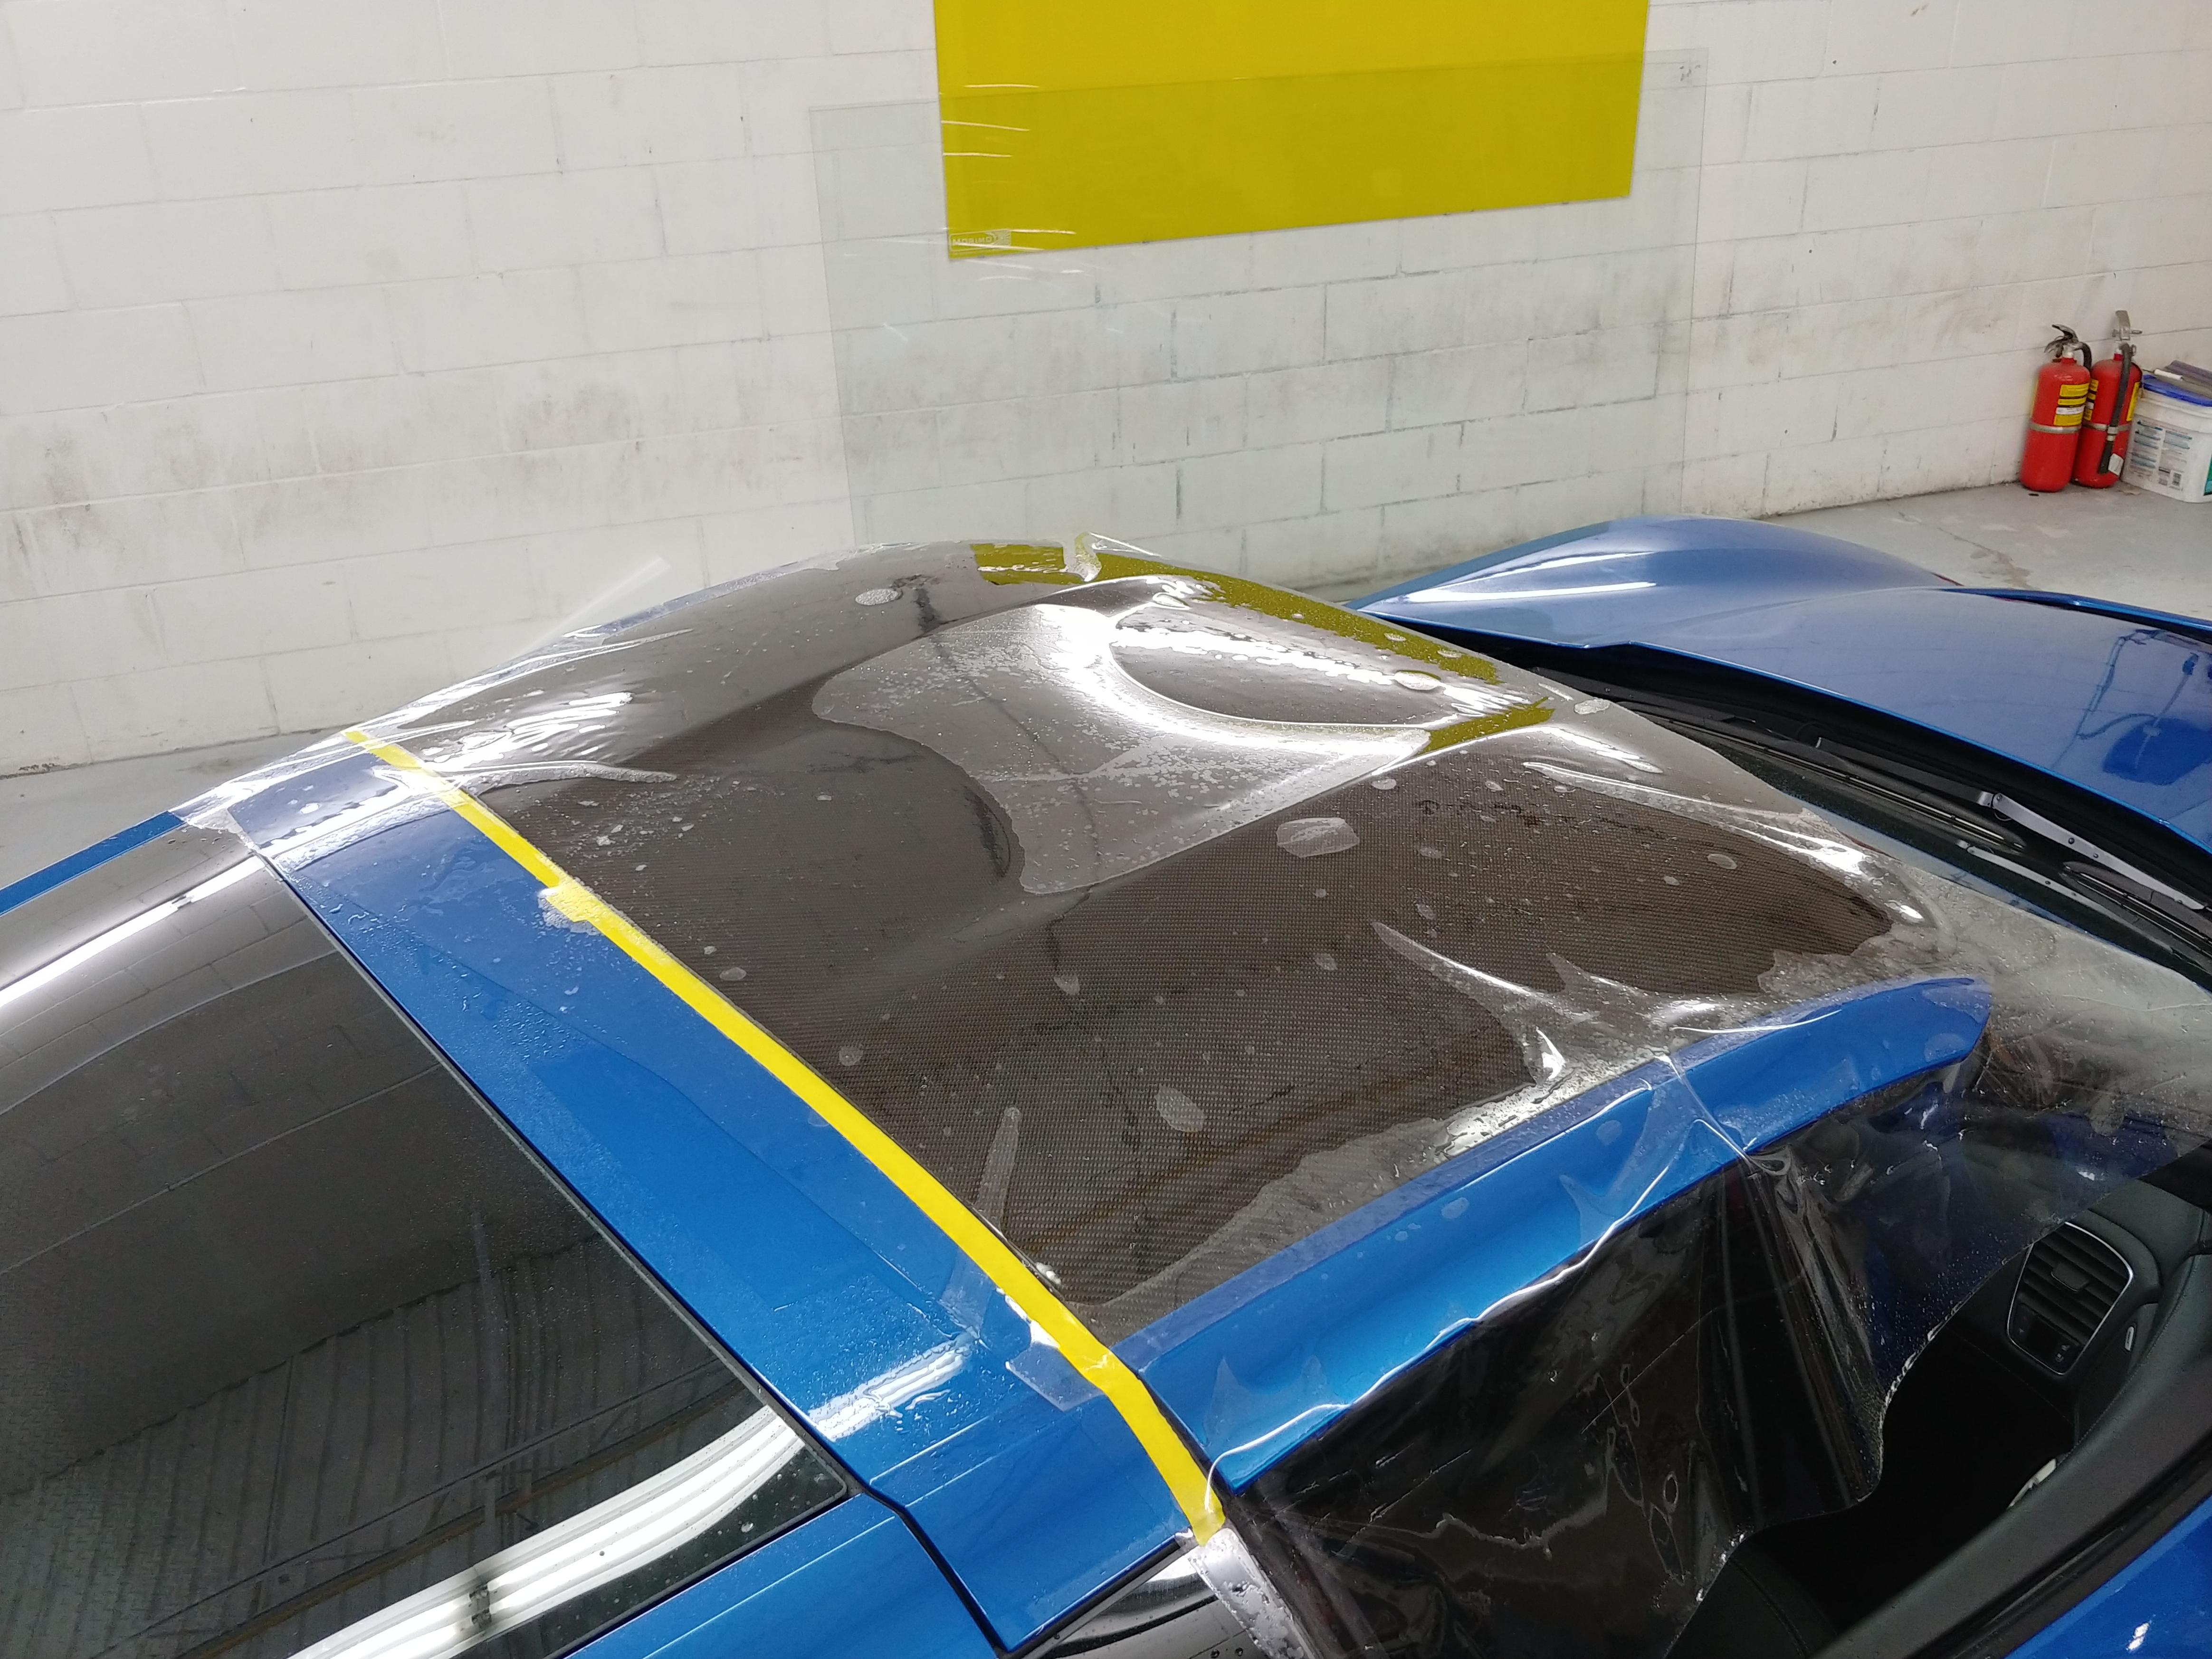 Corvette roof